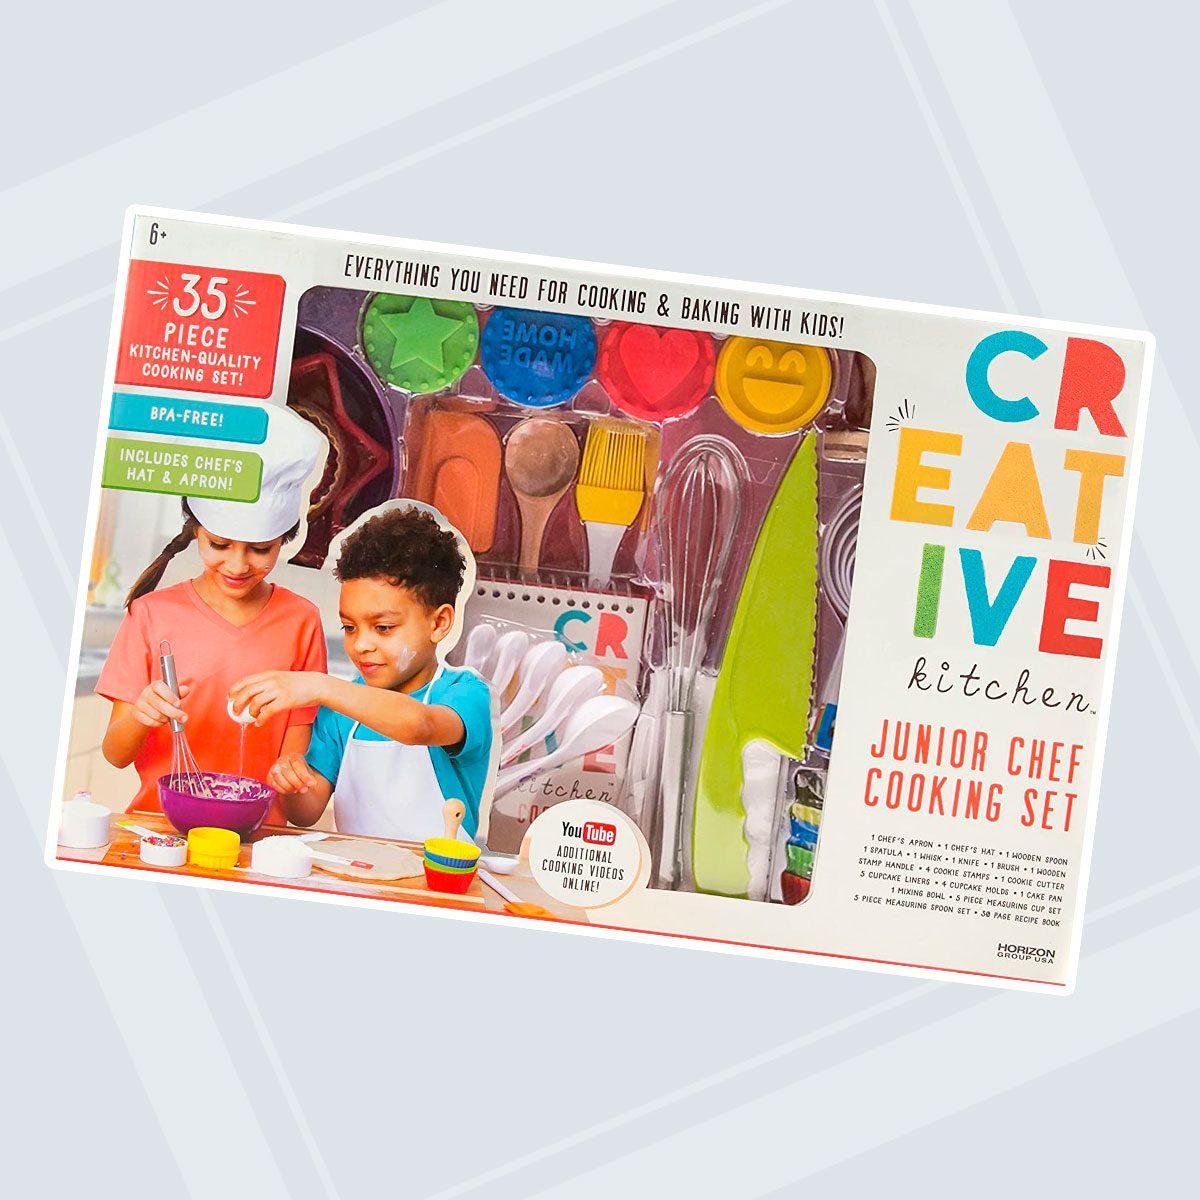 CrEATive Kitchen Junior Chef Set